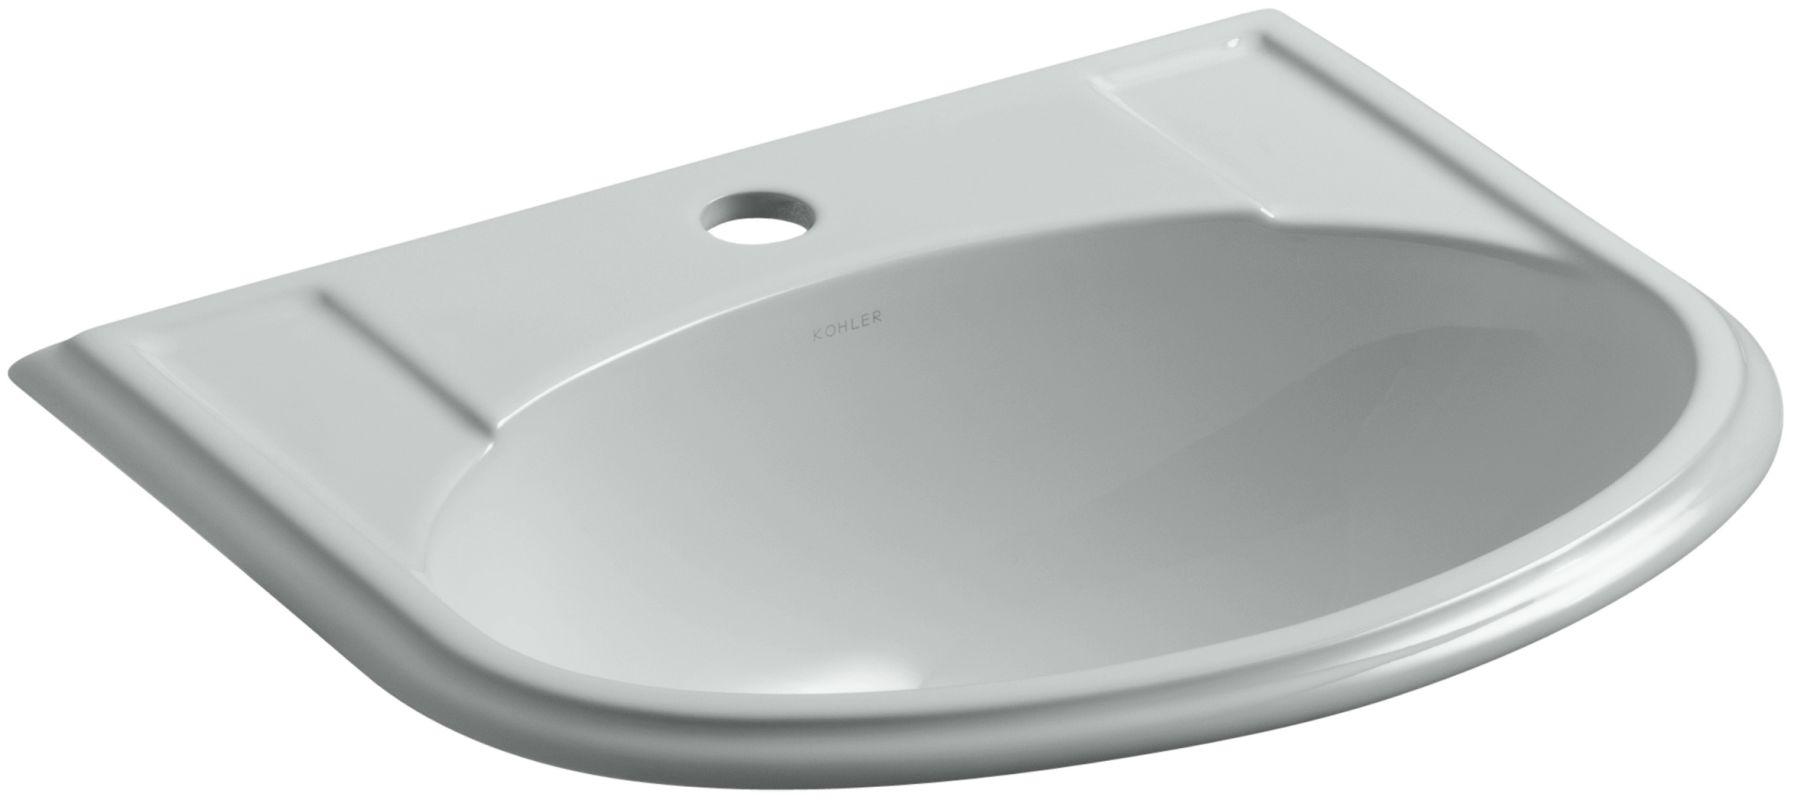 Kohler K 394 4 Devonshire Widespread Bathroom Faucet With Ultra Ask Home Design